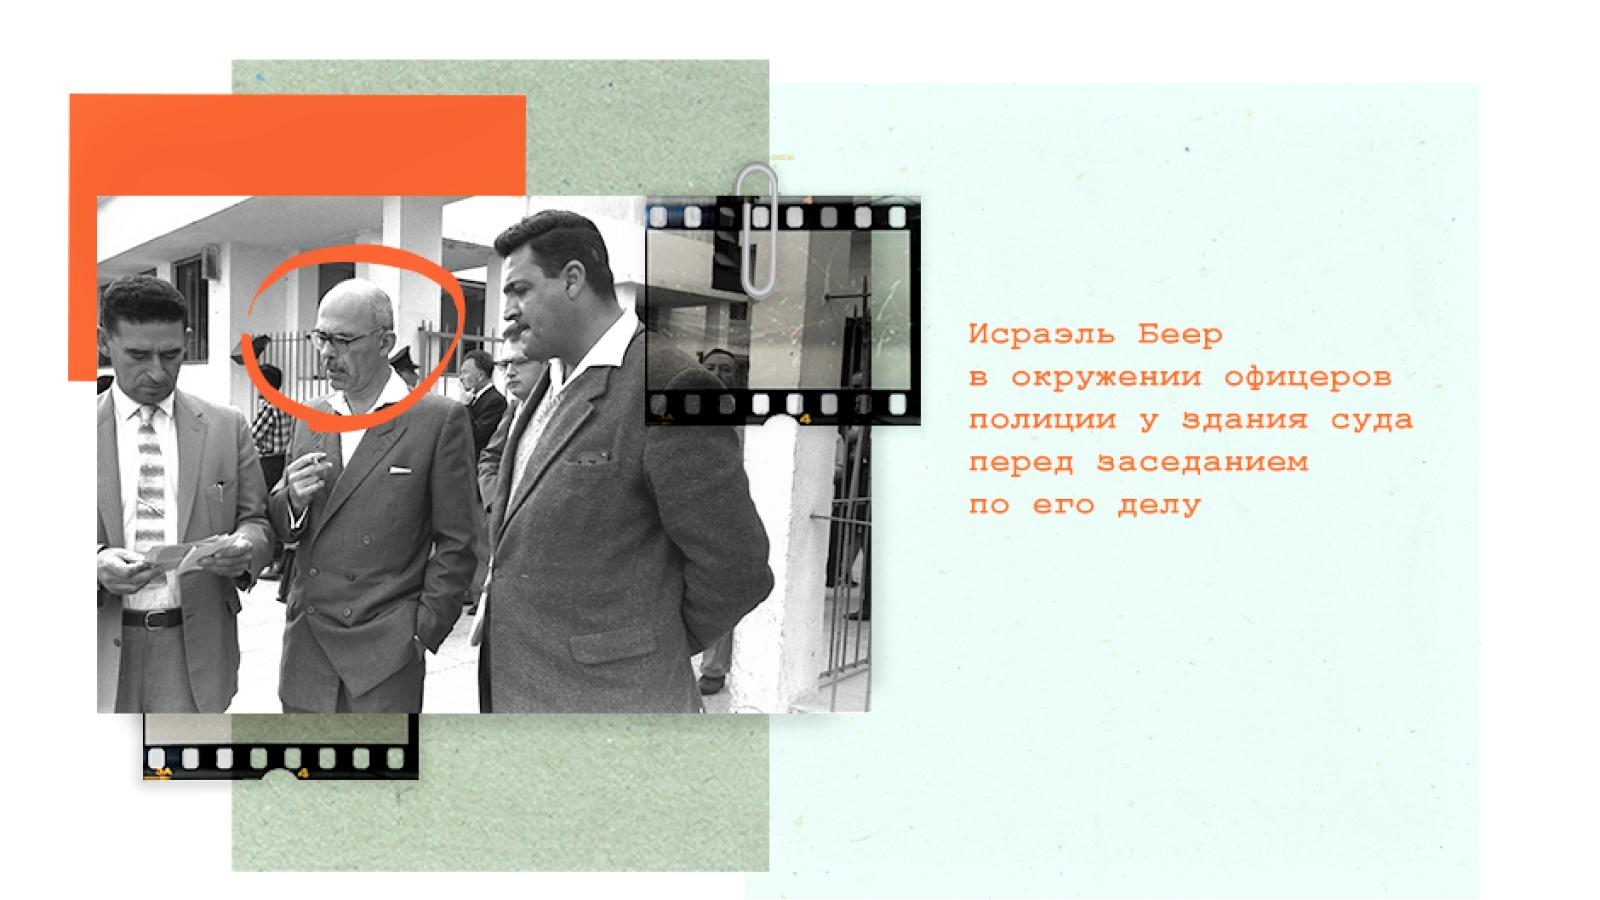 Chui sâu leo cao vào giới lãnh đạo Israel, tình báo Liên Xô đoạt được nhiều bí mật NATO